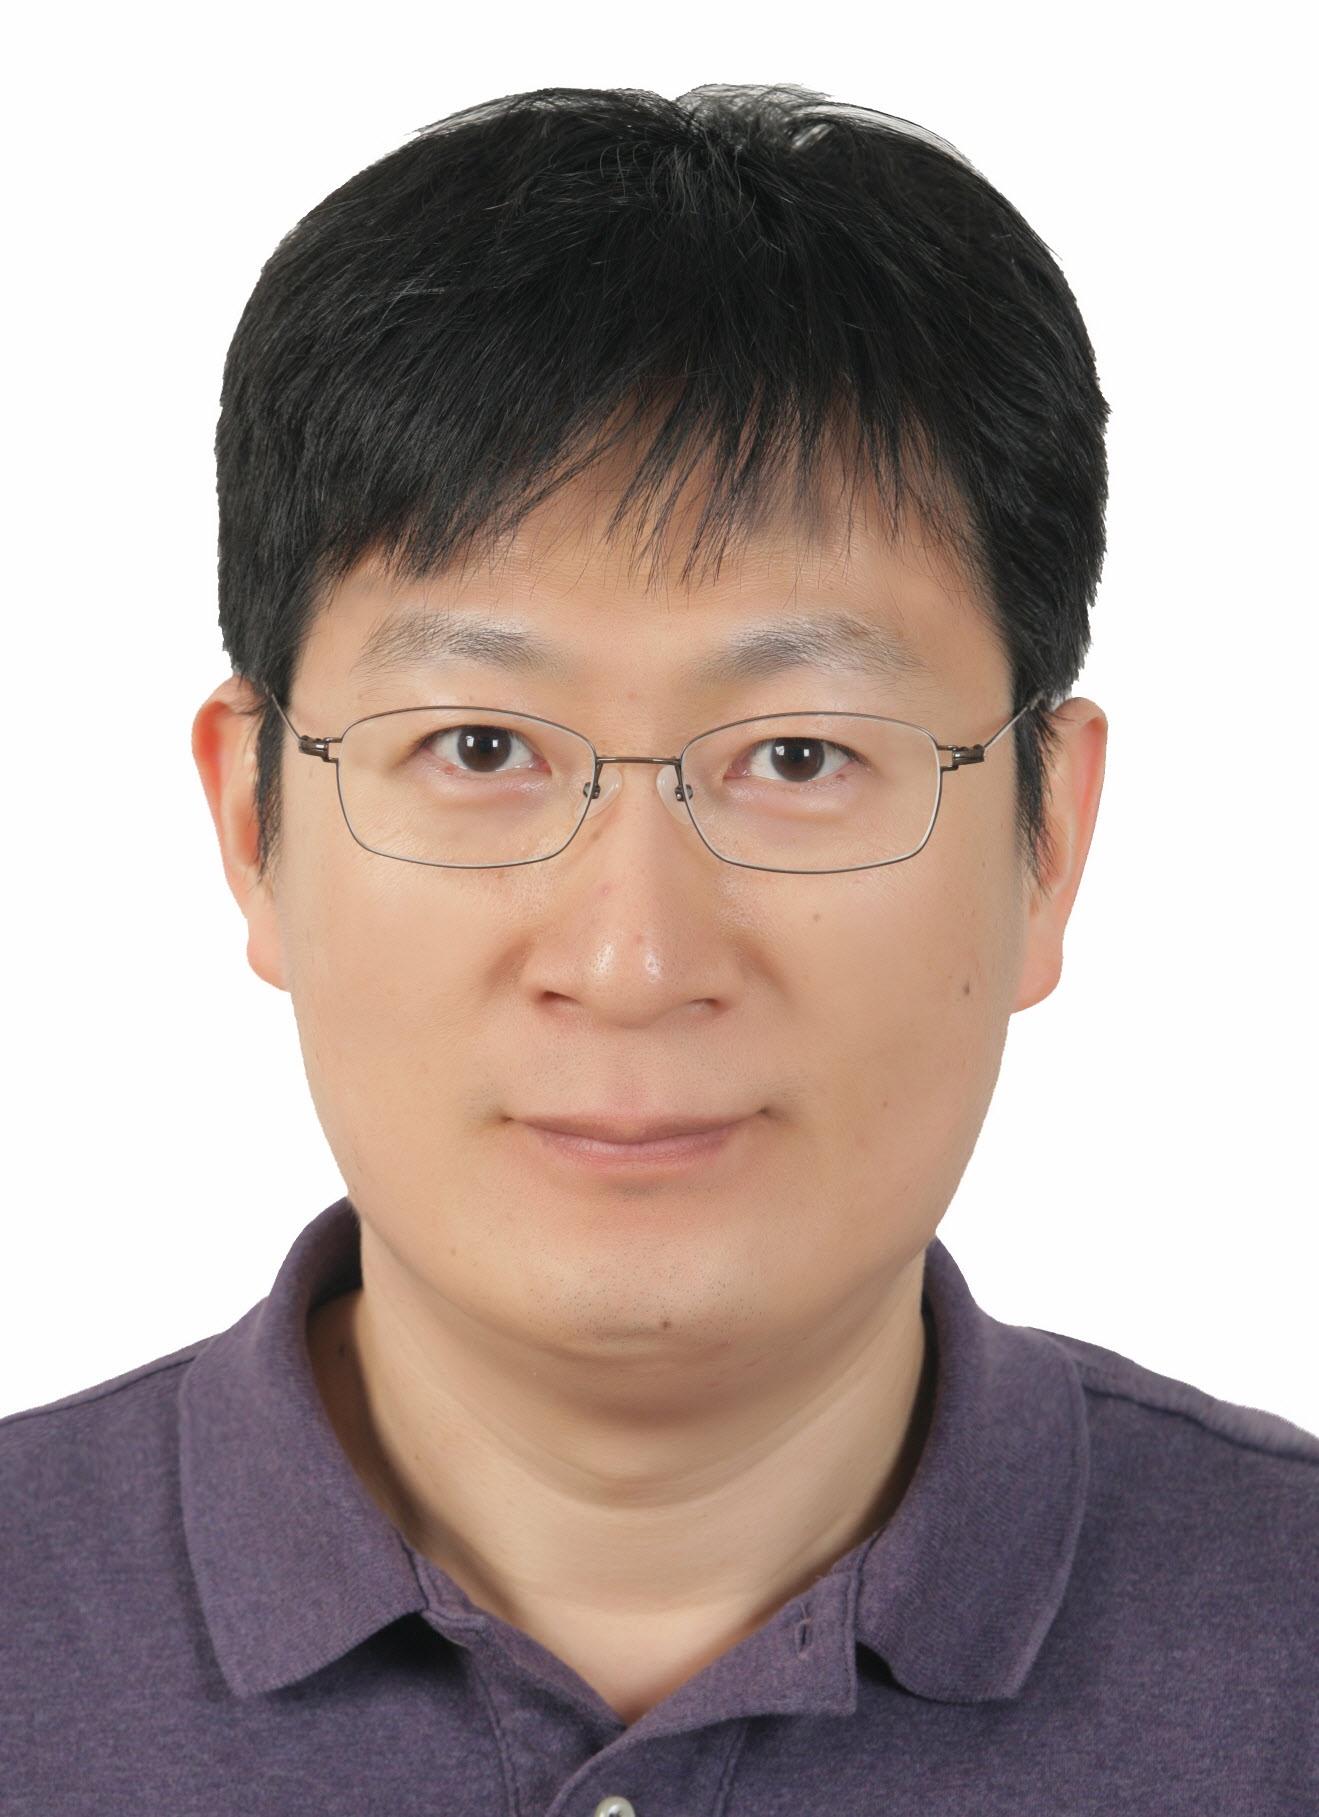 권재문 교수님 사진